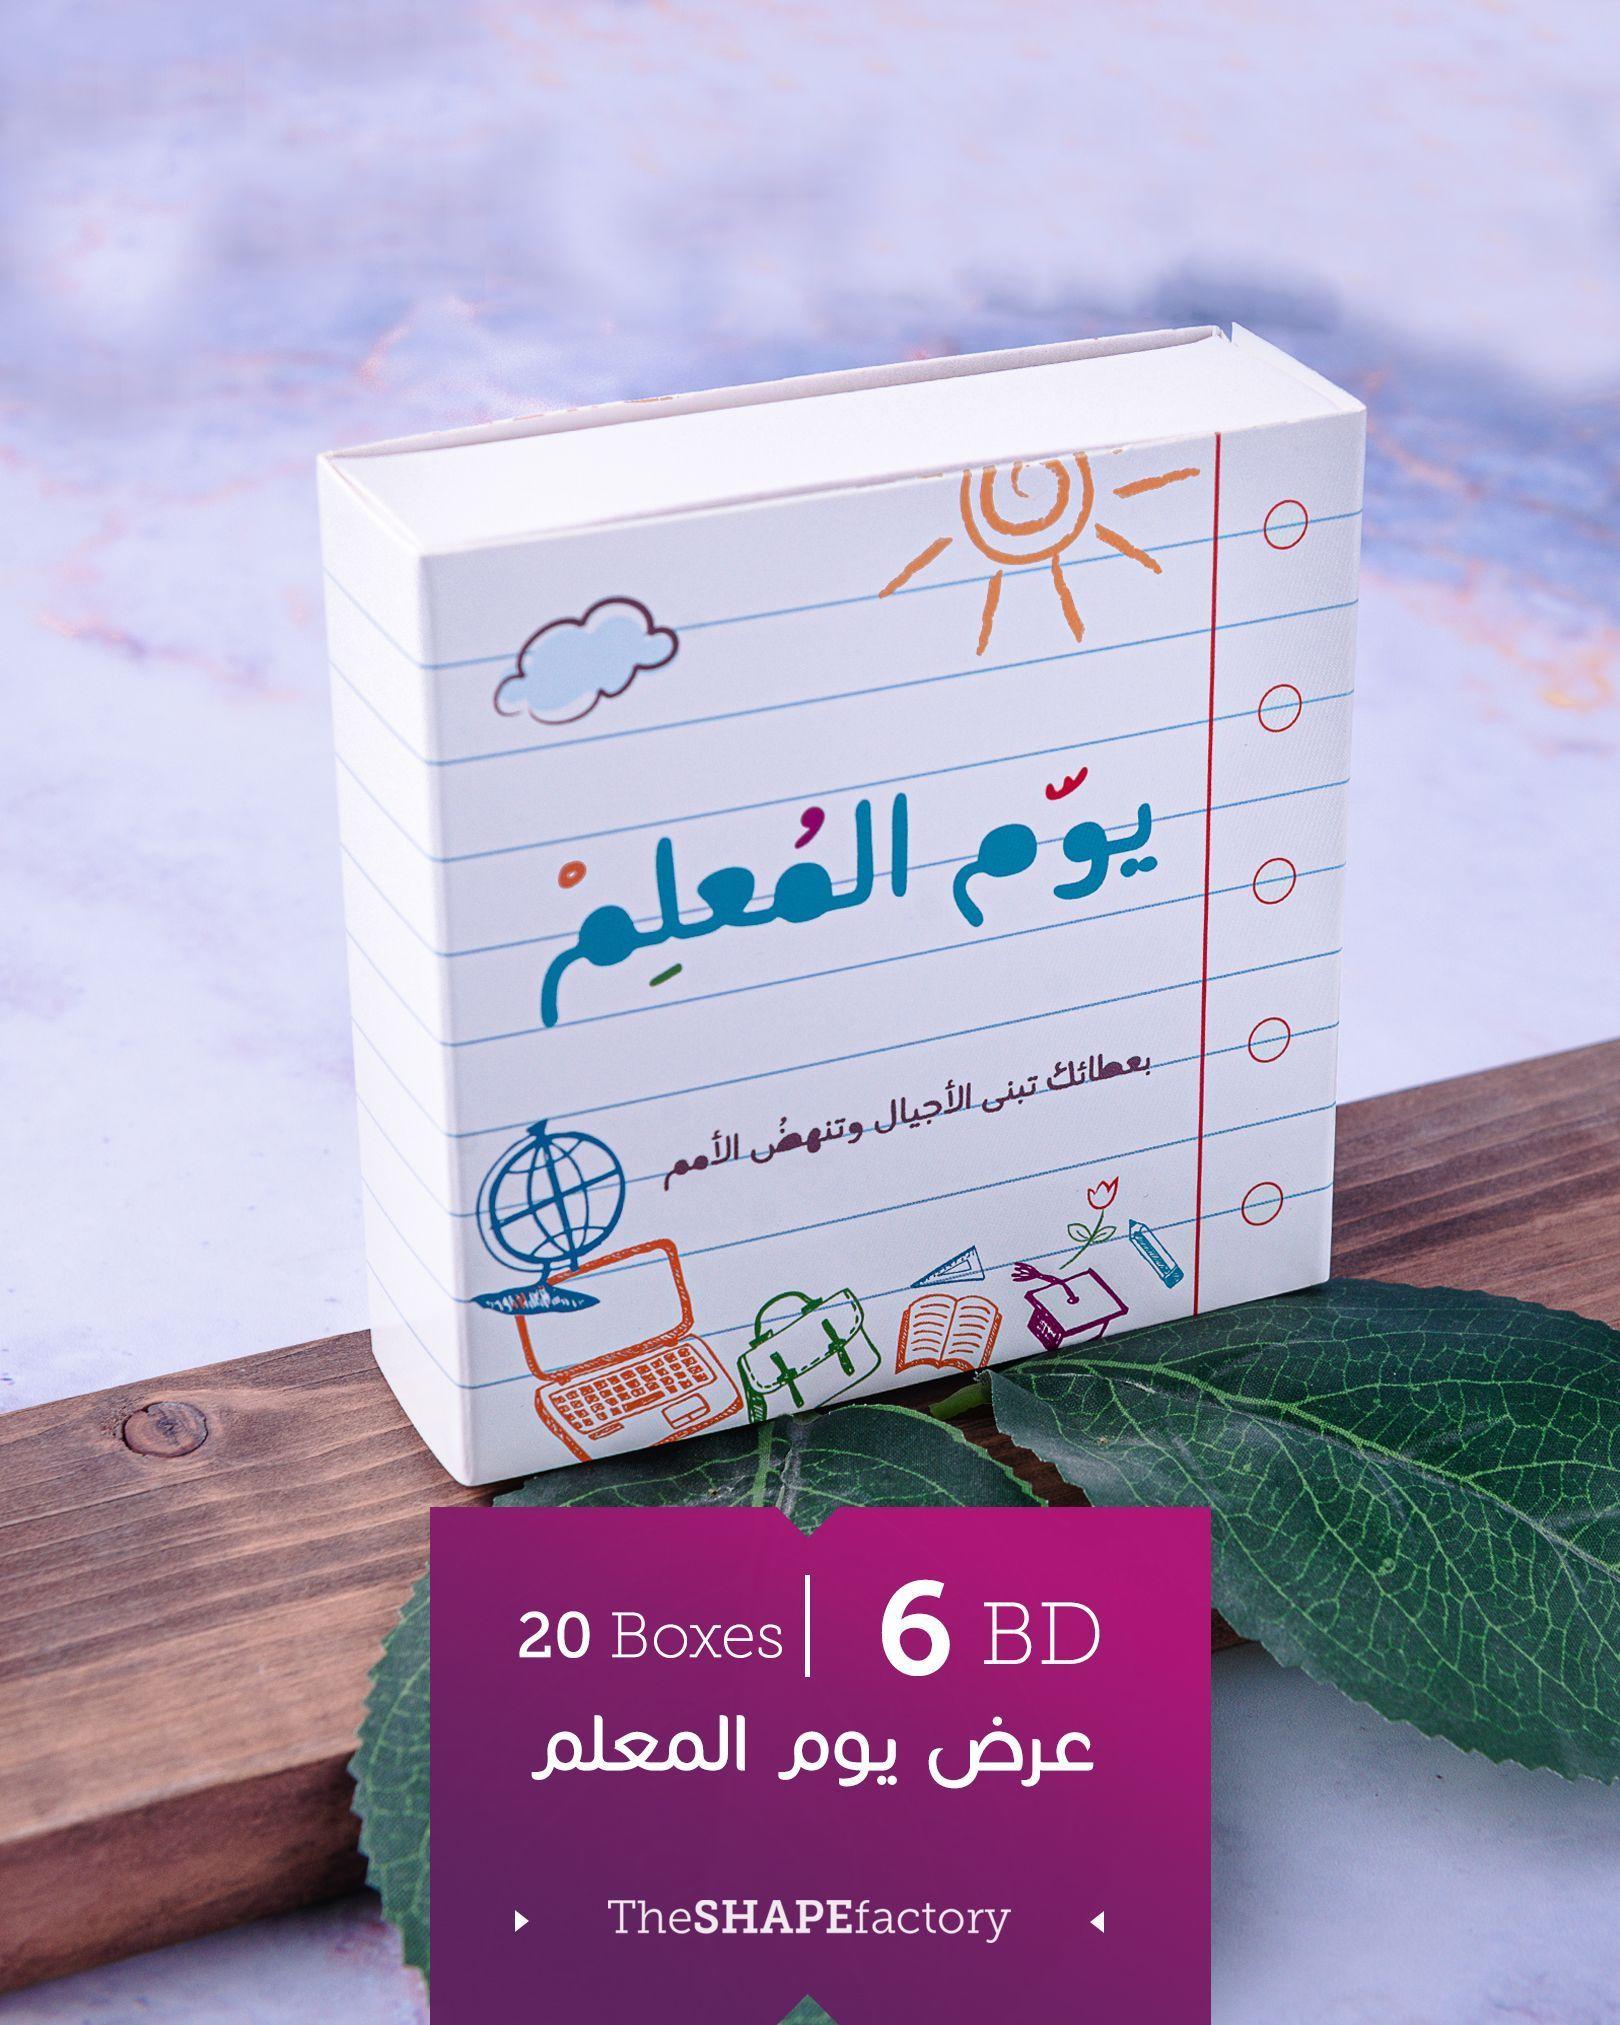 توزيعات يوم المعلم Shape Code Bx0193 متوفرة للبيع الفوري والاستلام القياسات Eid Boxes Shape Coding Gift Wrapping